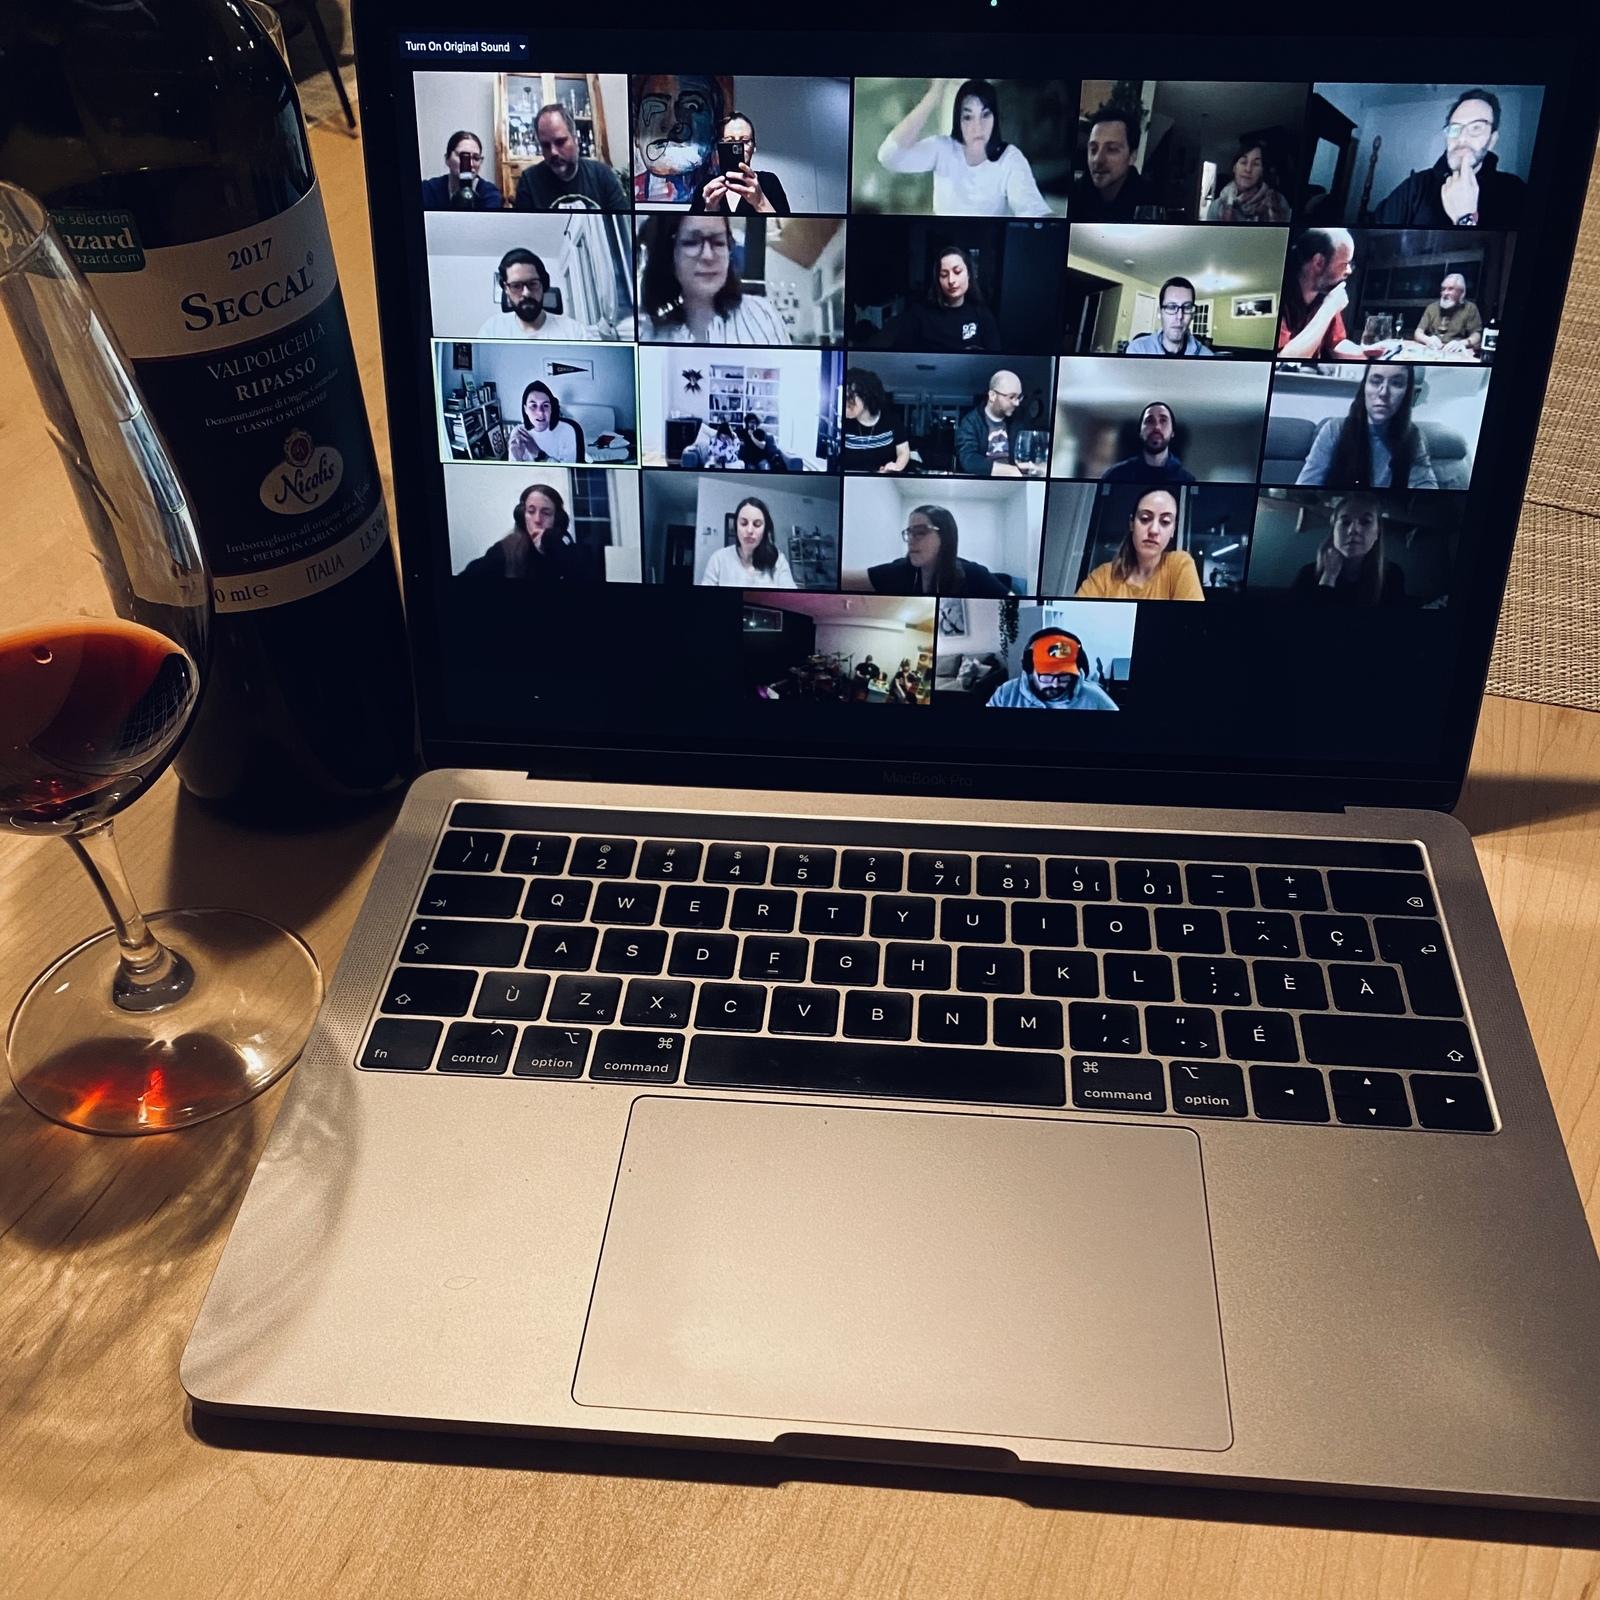 Mireclub-vino MTL et QC, soirée degustation de vin du Valpolicella 🍷🤩